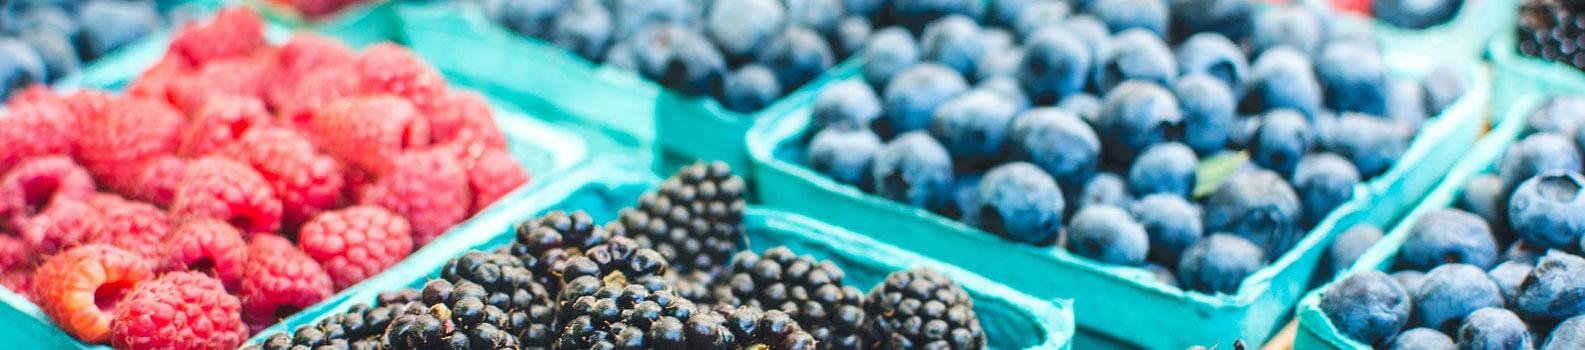 Erdbeeren Holzner - Unsere Beeren: Himbeeren, Heidelbeeren, Erdbeeren regional udn frisch direkt vom Feld